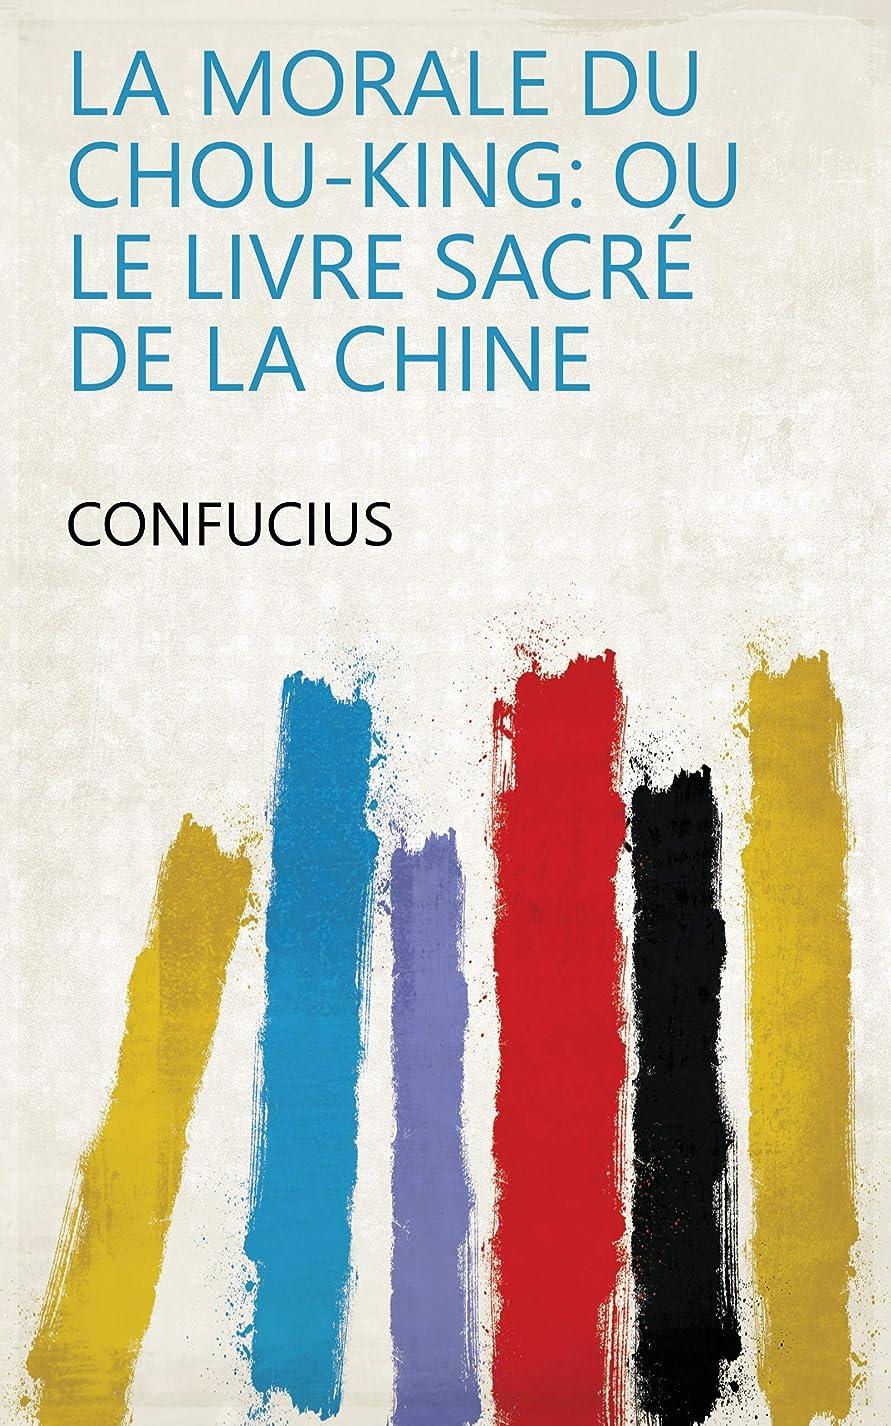 アクロバットスリル楽しいLa morale du Chou-King: ou le livre sacré de la Chine (French Edition)